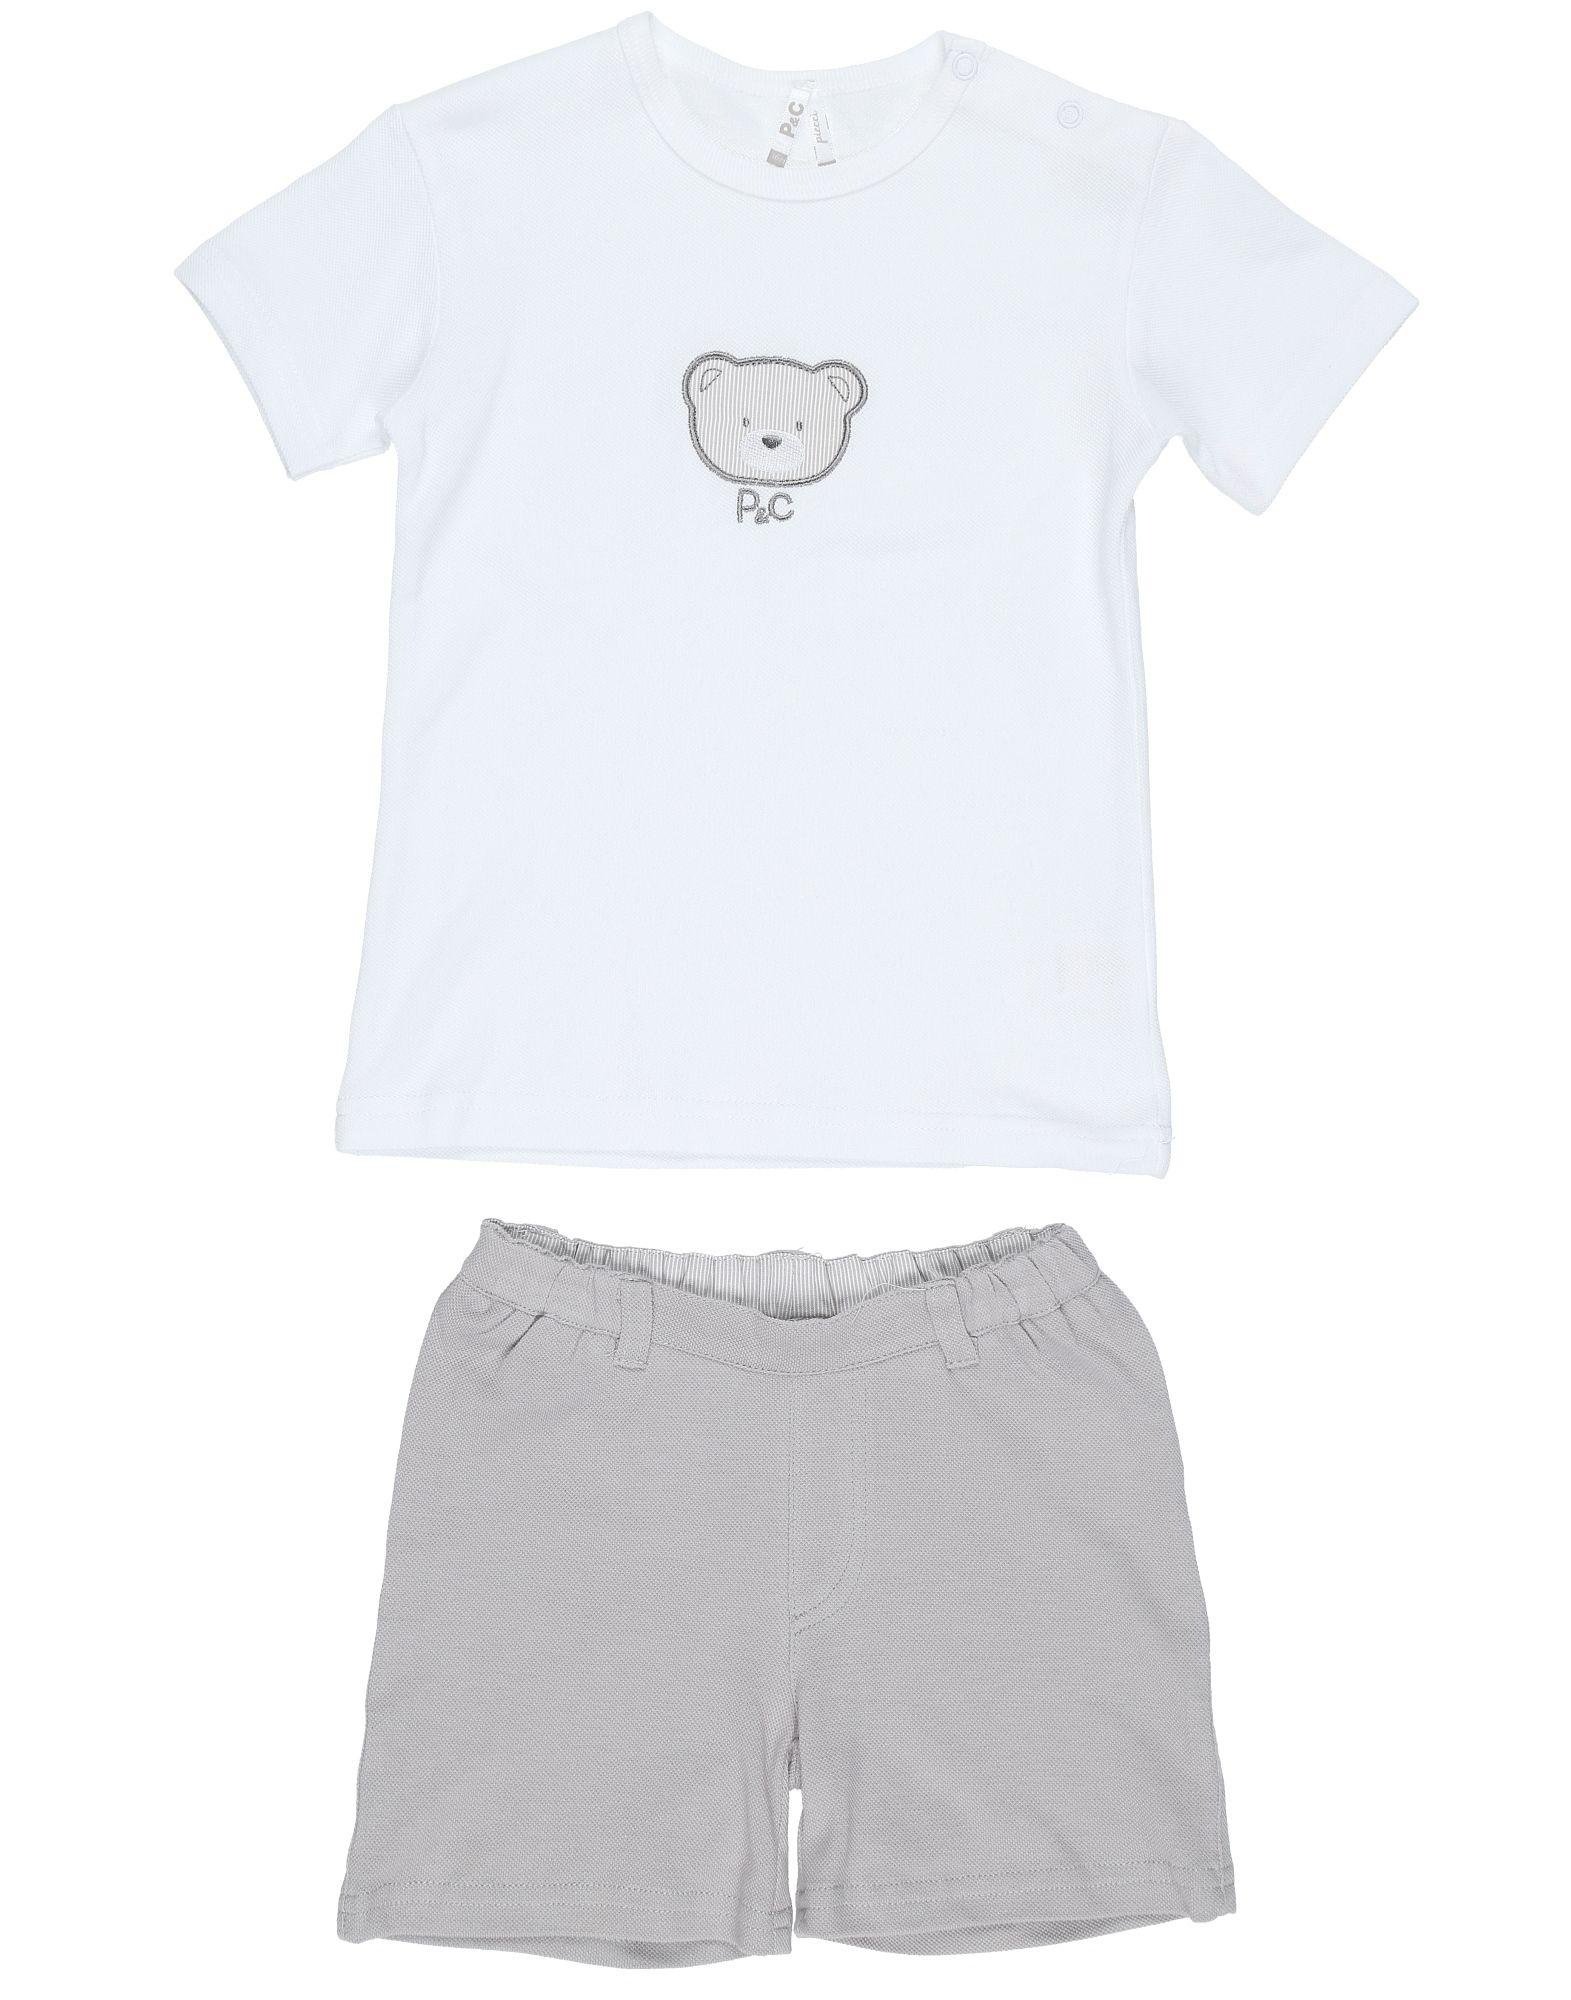 P&C Комплекты с шортами пижамные комплекты